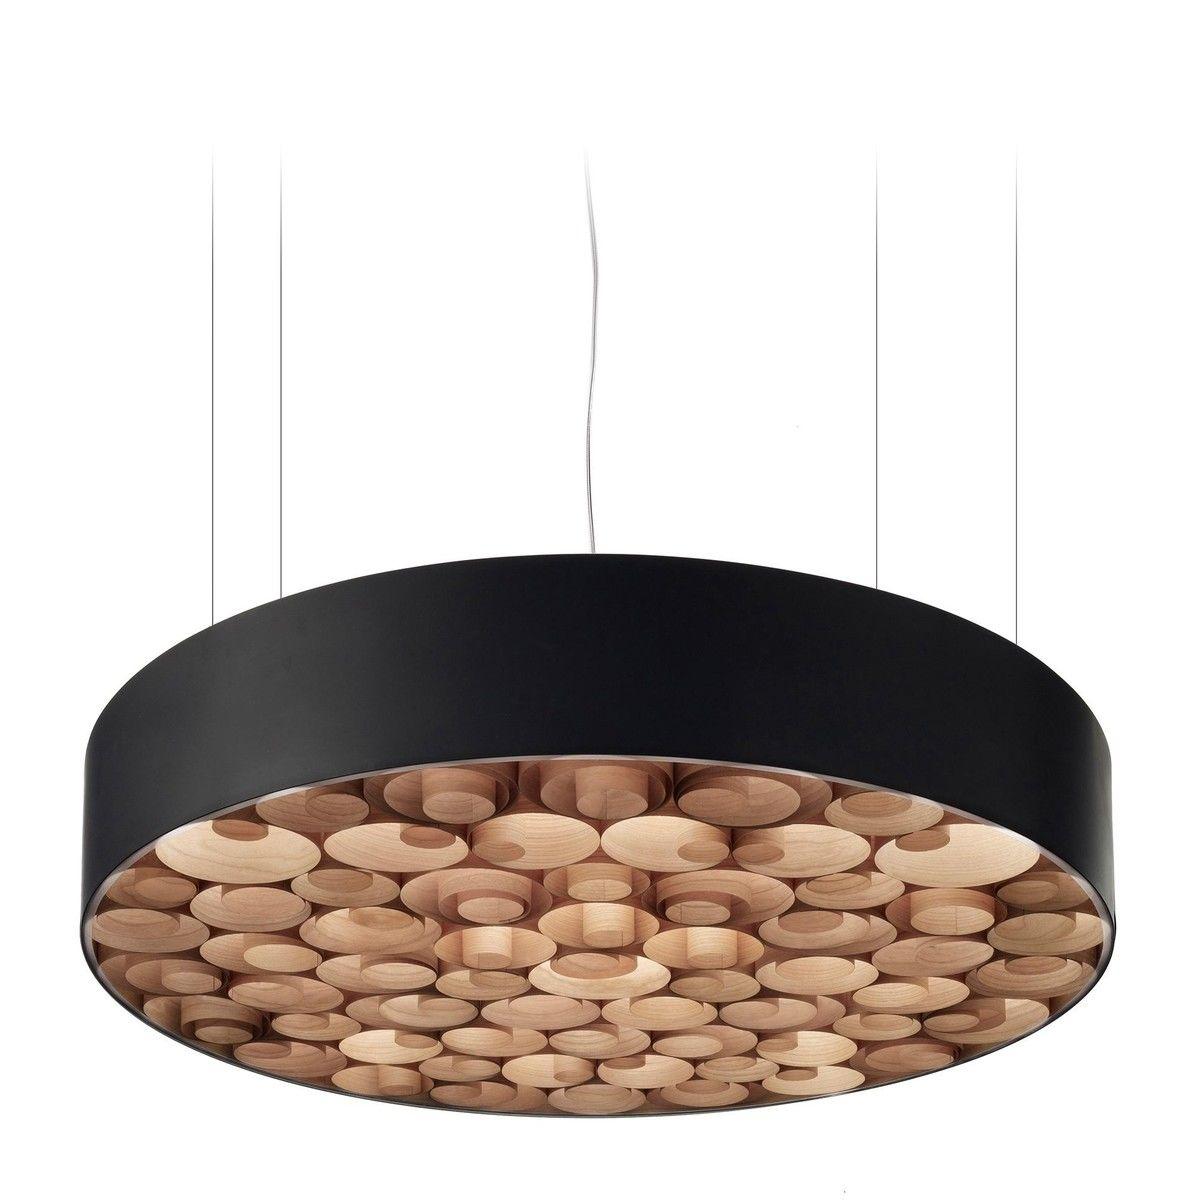 spiro sg suspension led lzf lamps. Black Bedroom Furniture Sets. Home Design Ideas